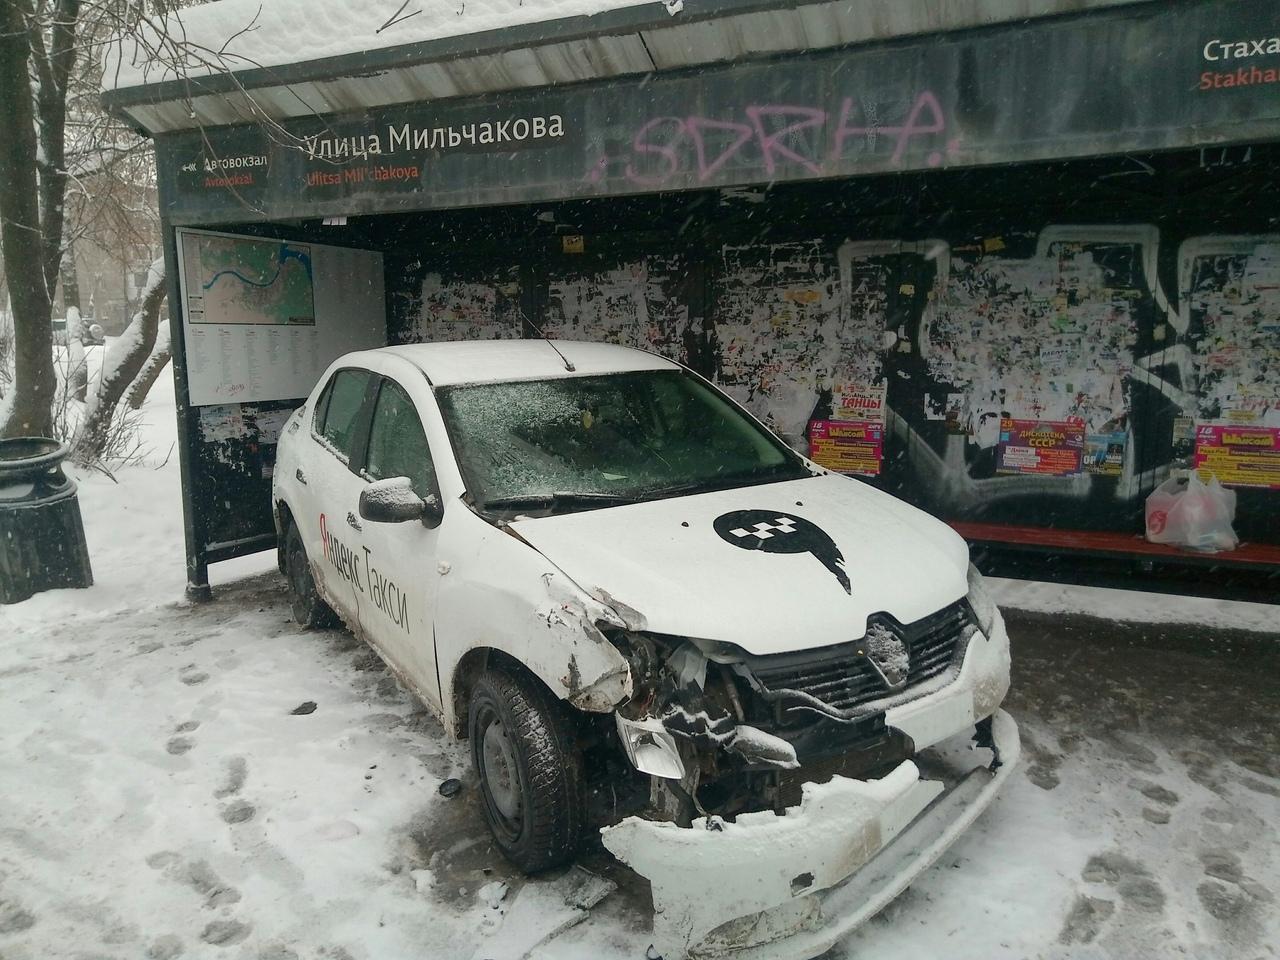 Машину так раскрутило, что в остановку она влетела багажником